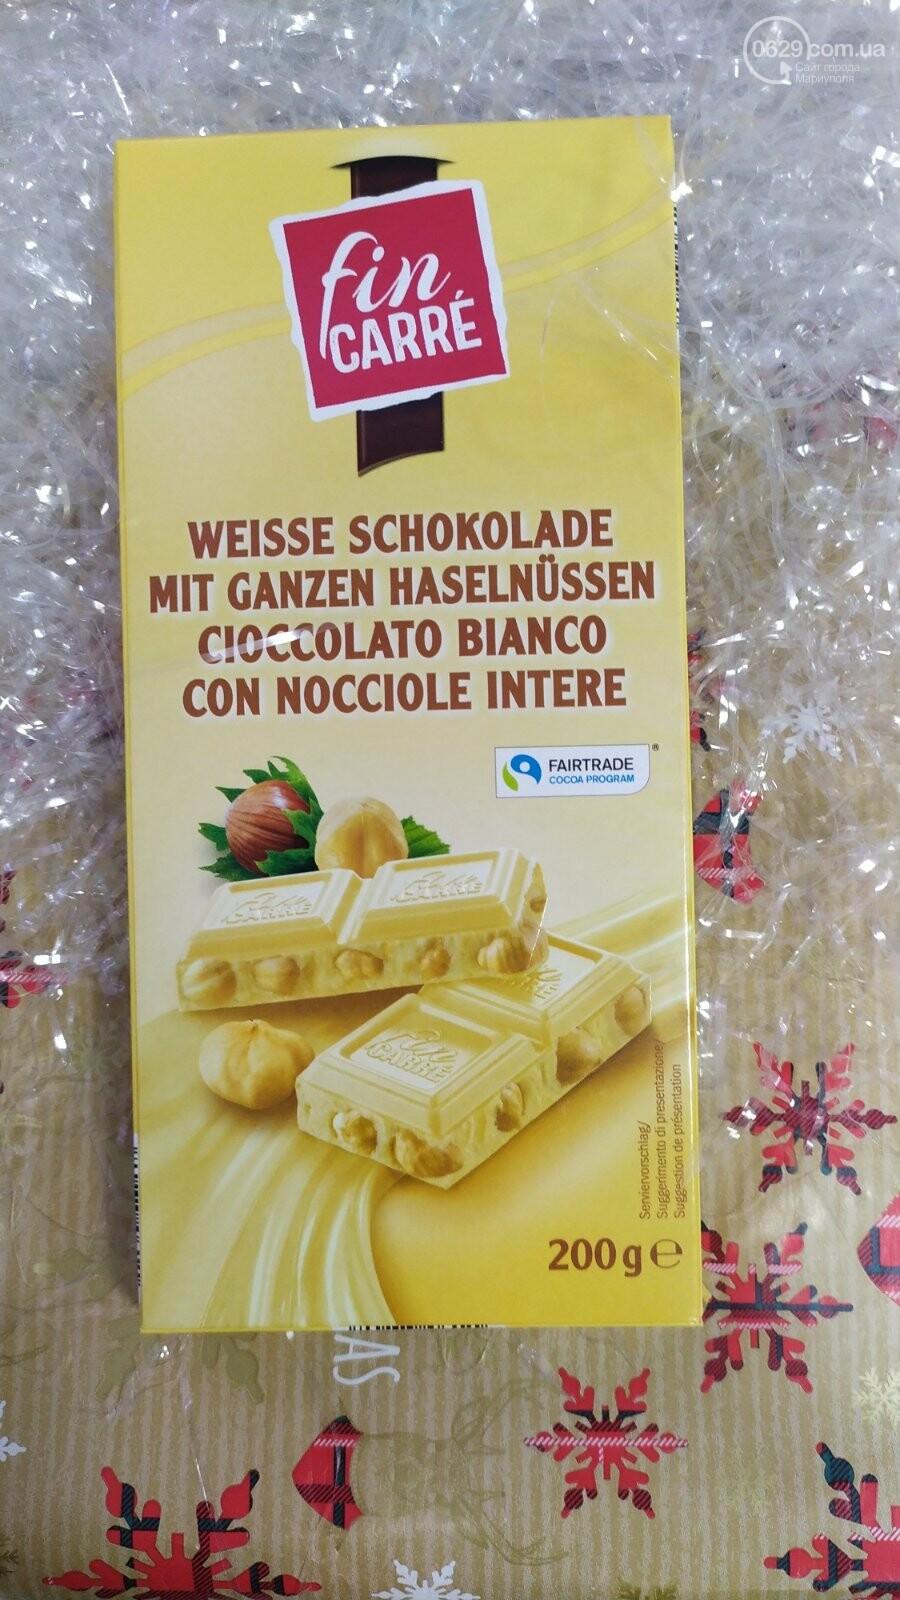 Маленький итальянский магазин Mirabella дарит подарки к Рождественскому столу, фото-11